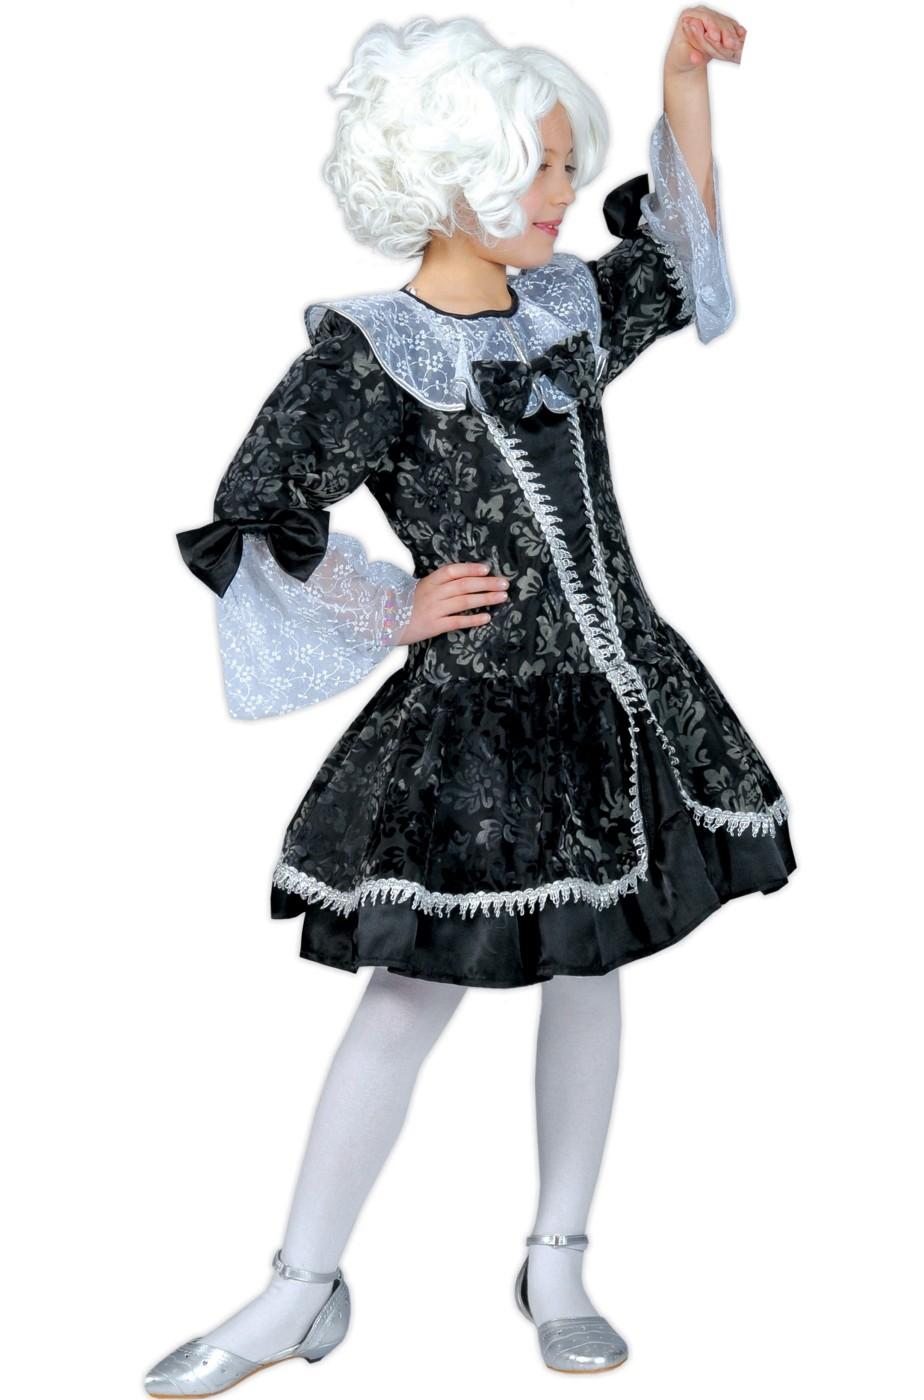 arte squisita fabbricazione abile sconto di vendita caldo Costume da bambina Dama del 700 corto carnevale veneziano grigio nero